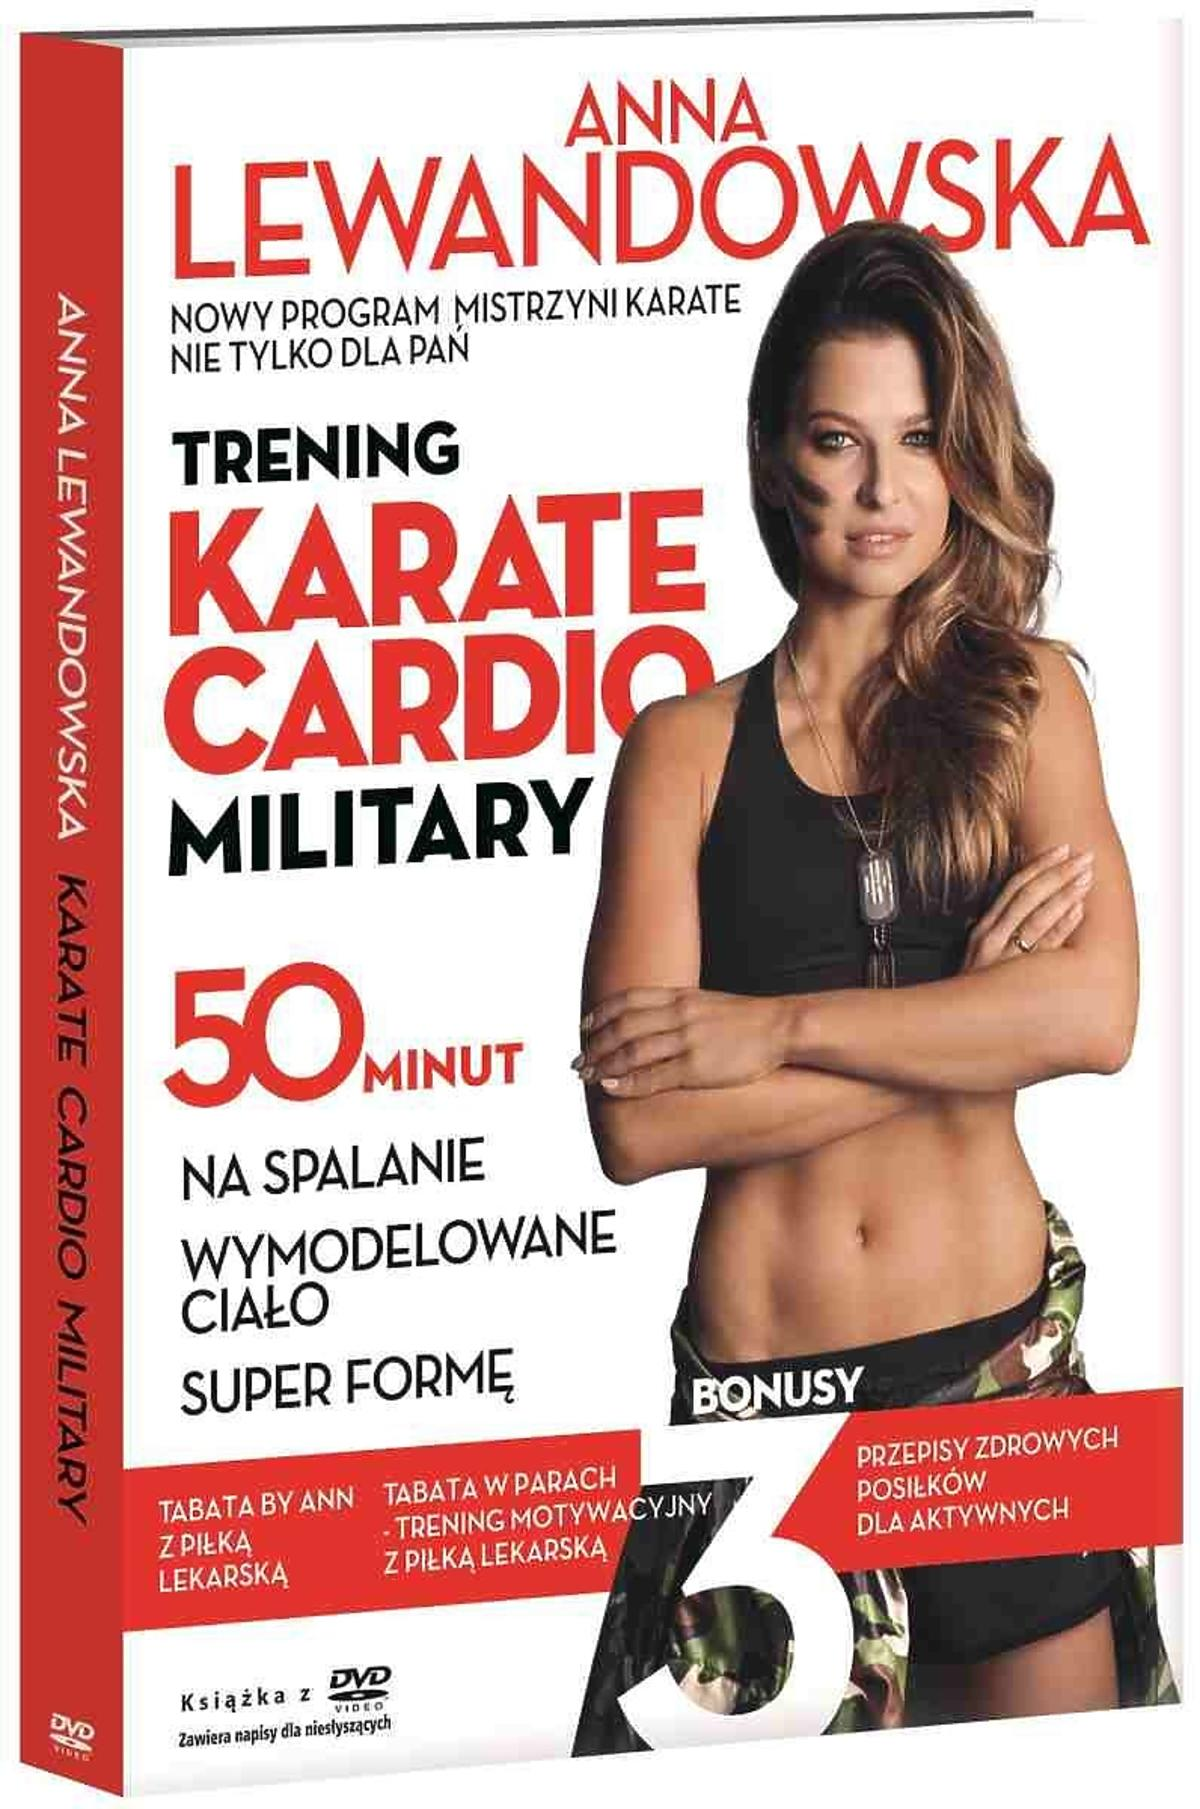 Okładka płyty Anny Lewandowskiej z ćwiczeniami Karate cardio military